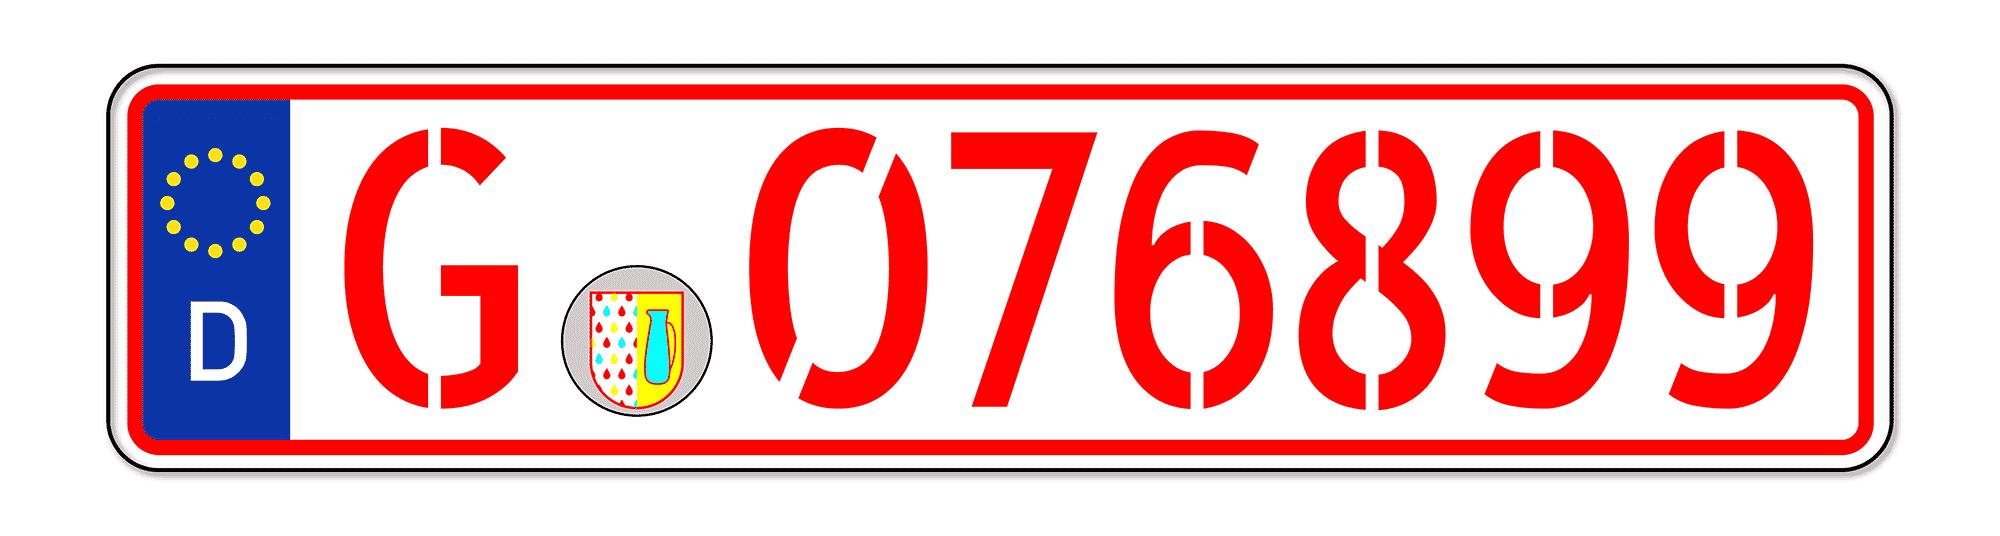 Beispiel eines roten Kennzeichens (Händlerkennzeichen)